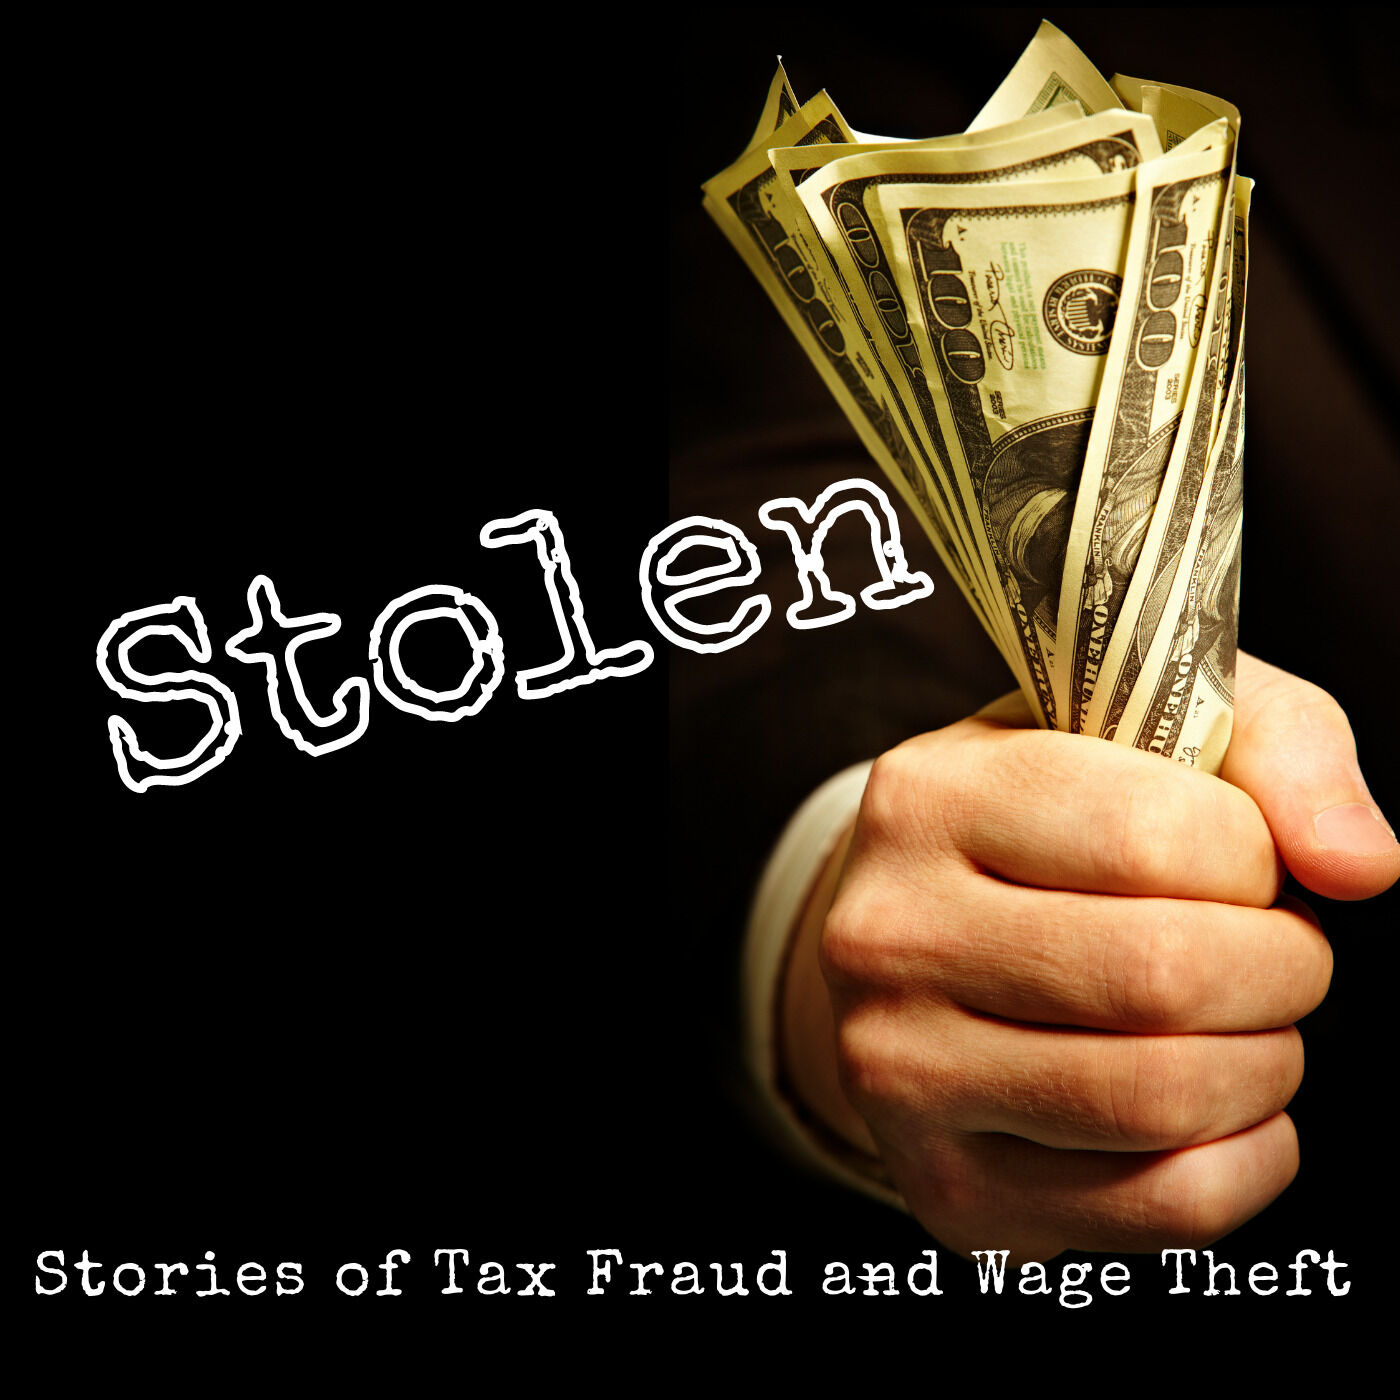 Stolen: Episode 1 Tax Fraud + Wage Theft